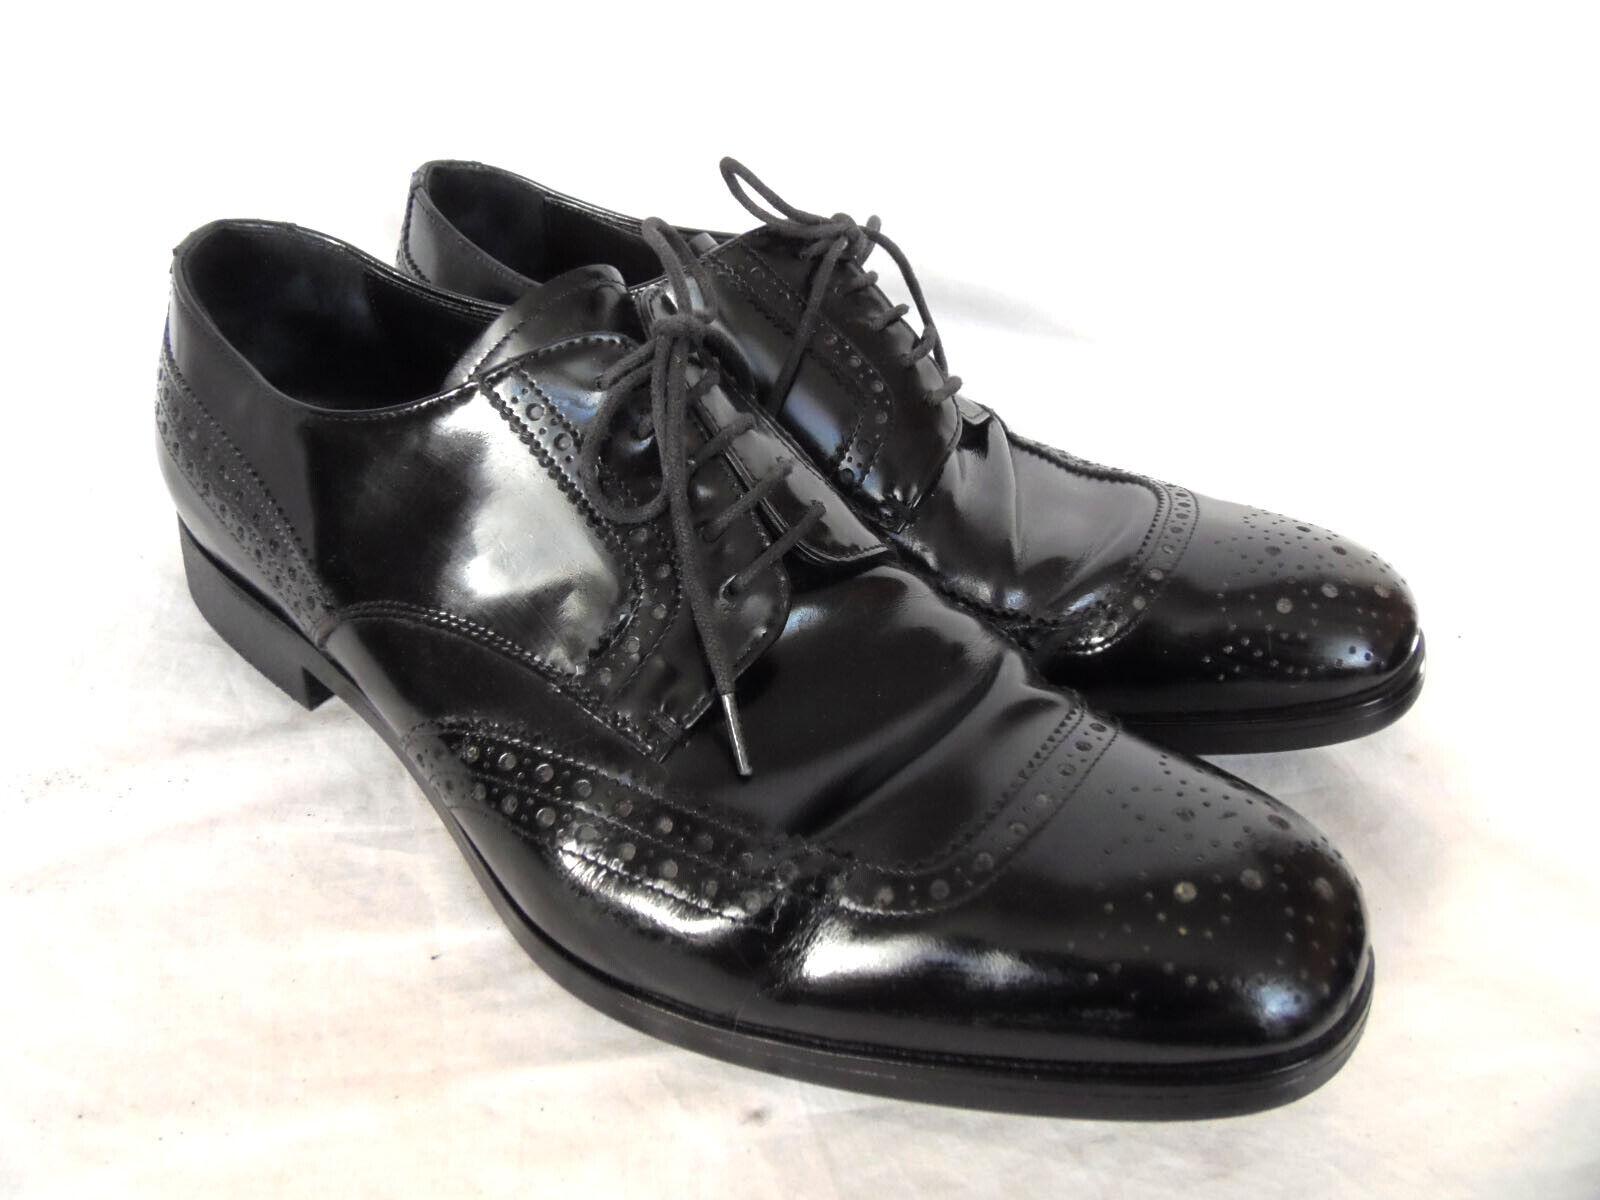 6737cb0a PRADA MILANO 100% AUTENTICOS ZAPATOS CORDONES NEGROS. 8 TALLA nbgtli9906- Zapatos de vestir